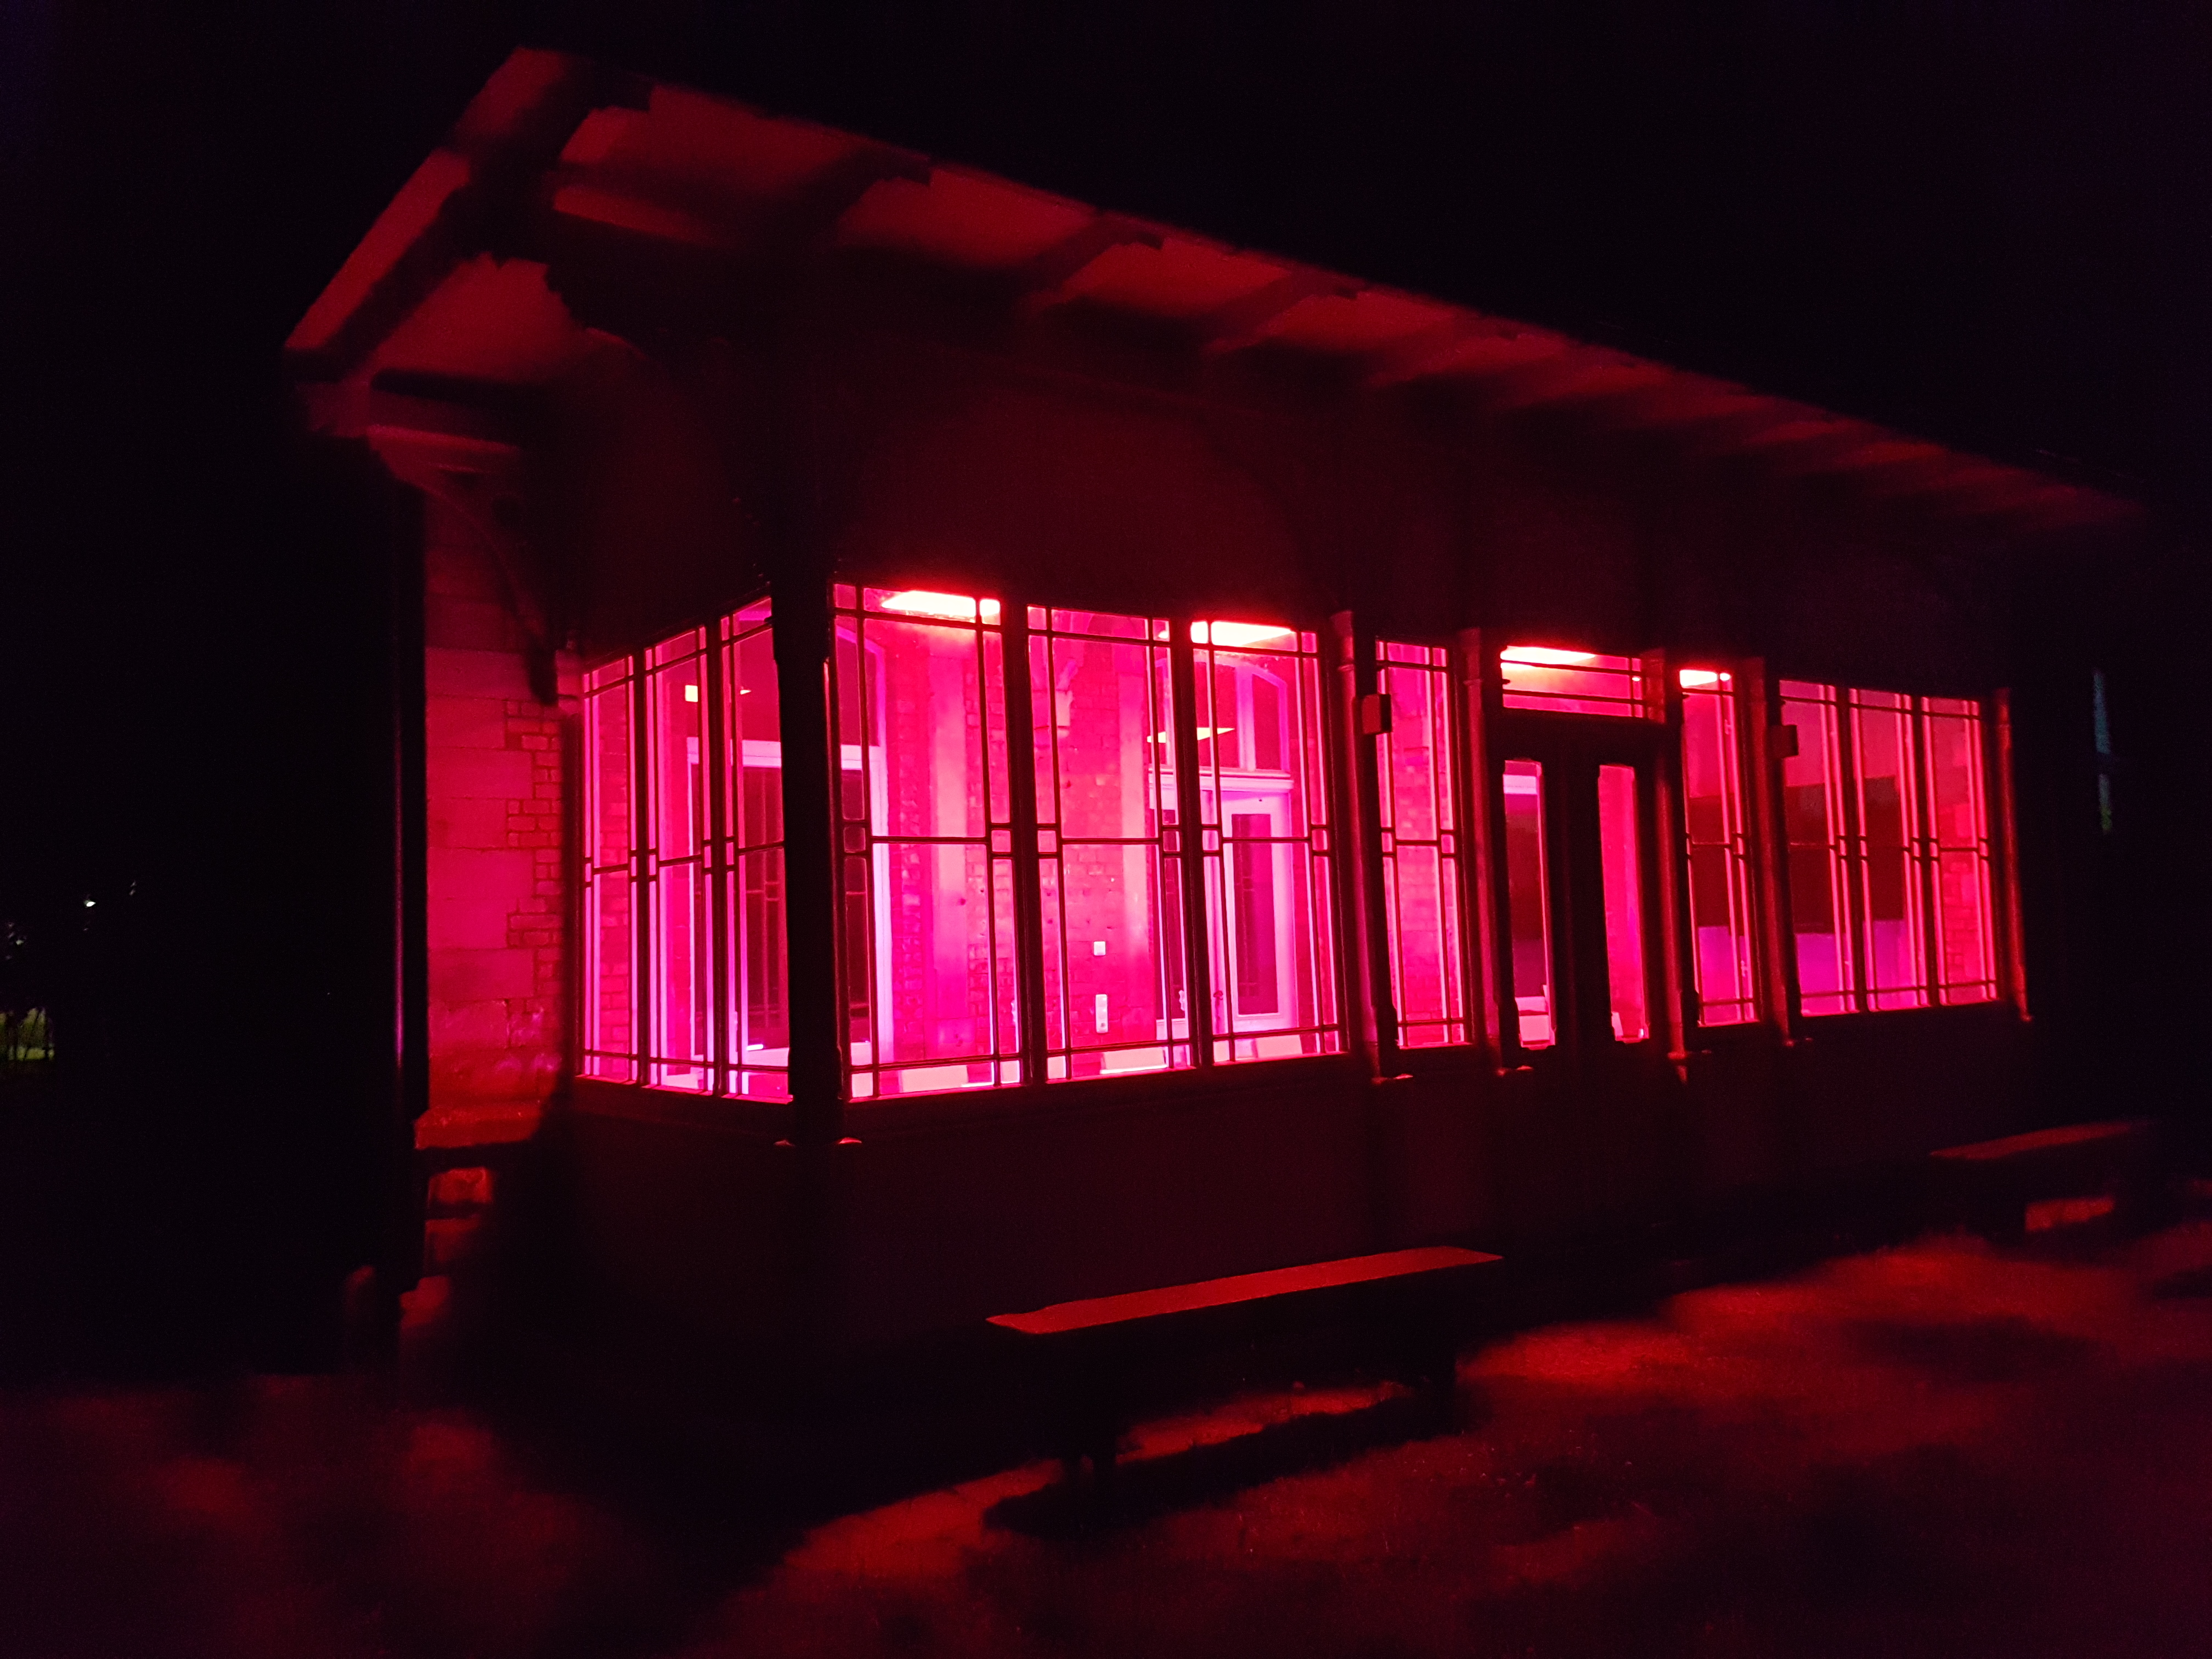 beleuchteter Windfang bei Nacht, Quelle: Maik Rahaus